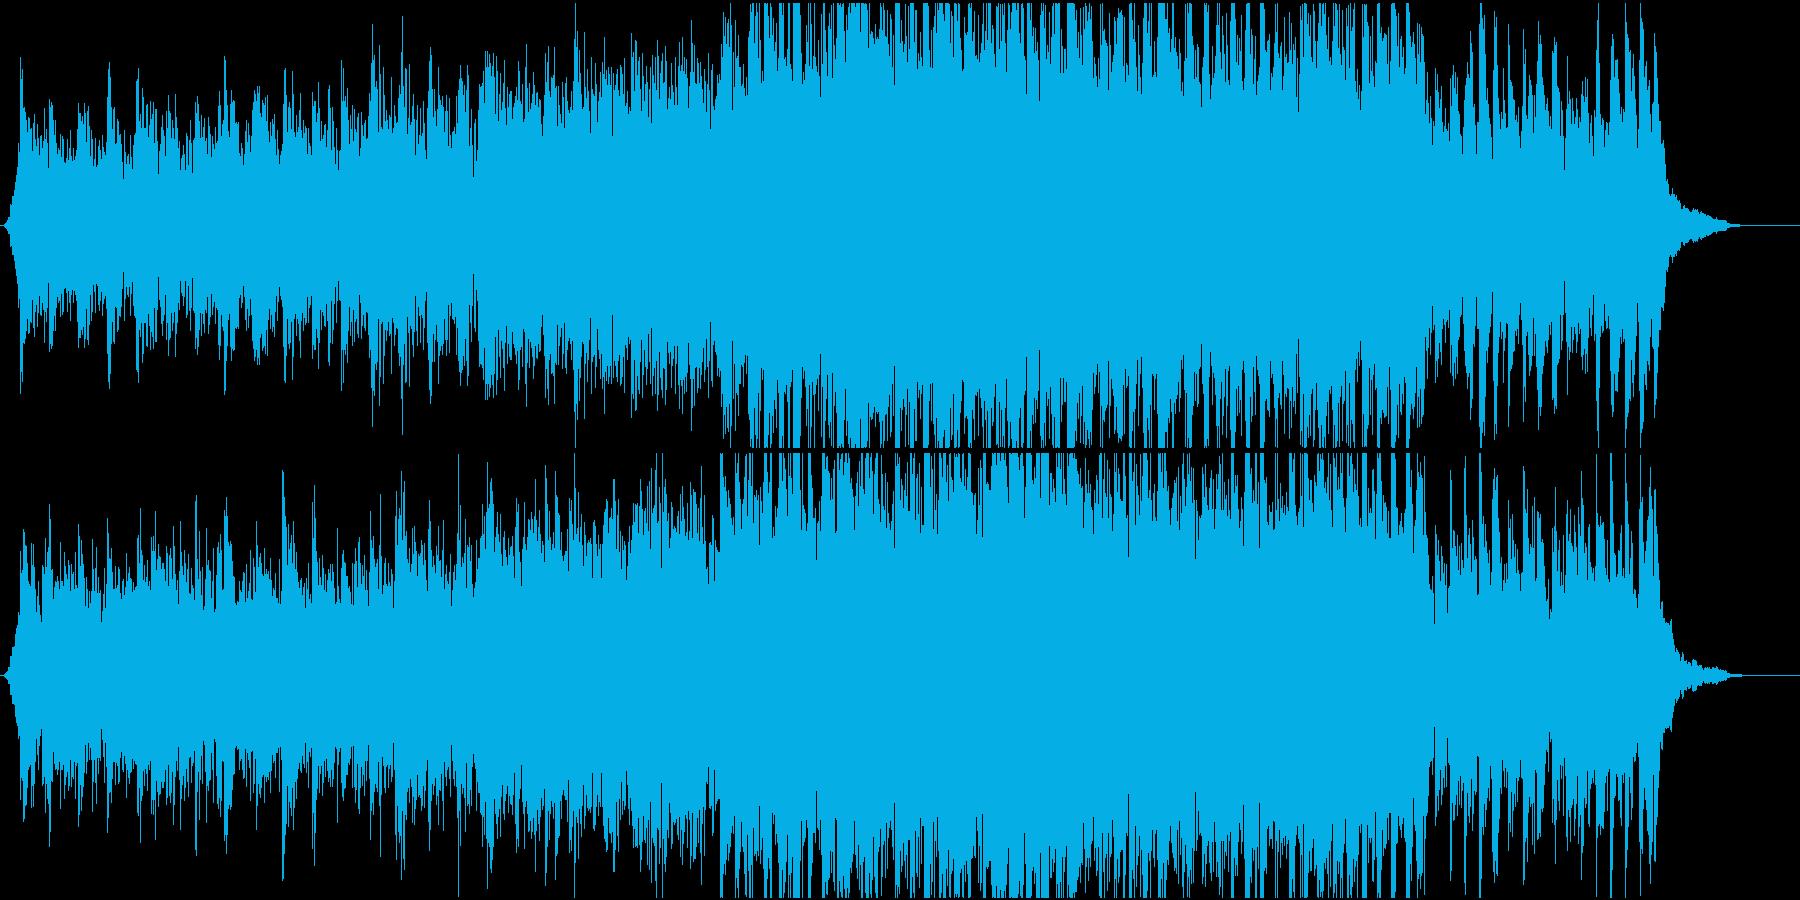 映像向け 爽やかなオーケストラの再生済みの波形